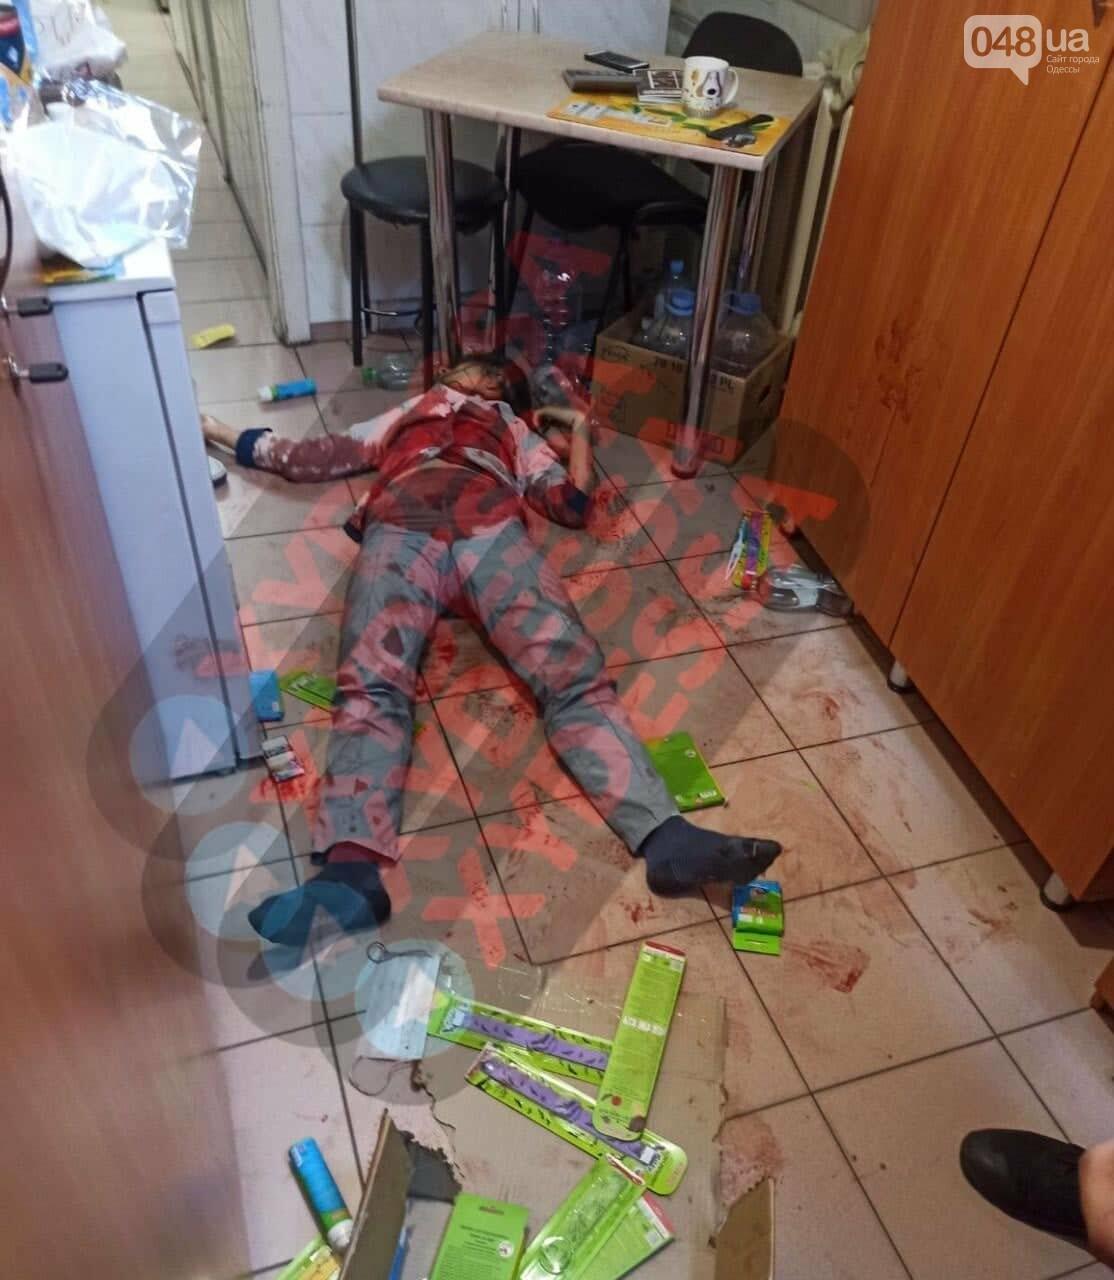 В Одессе рано утром в аптеке убили фармацевта,- ФОТО 18+5